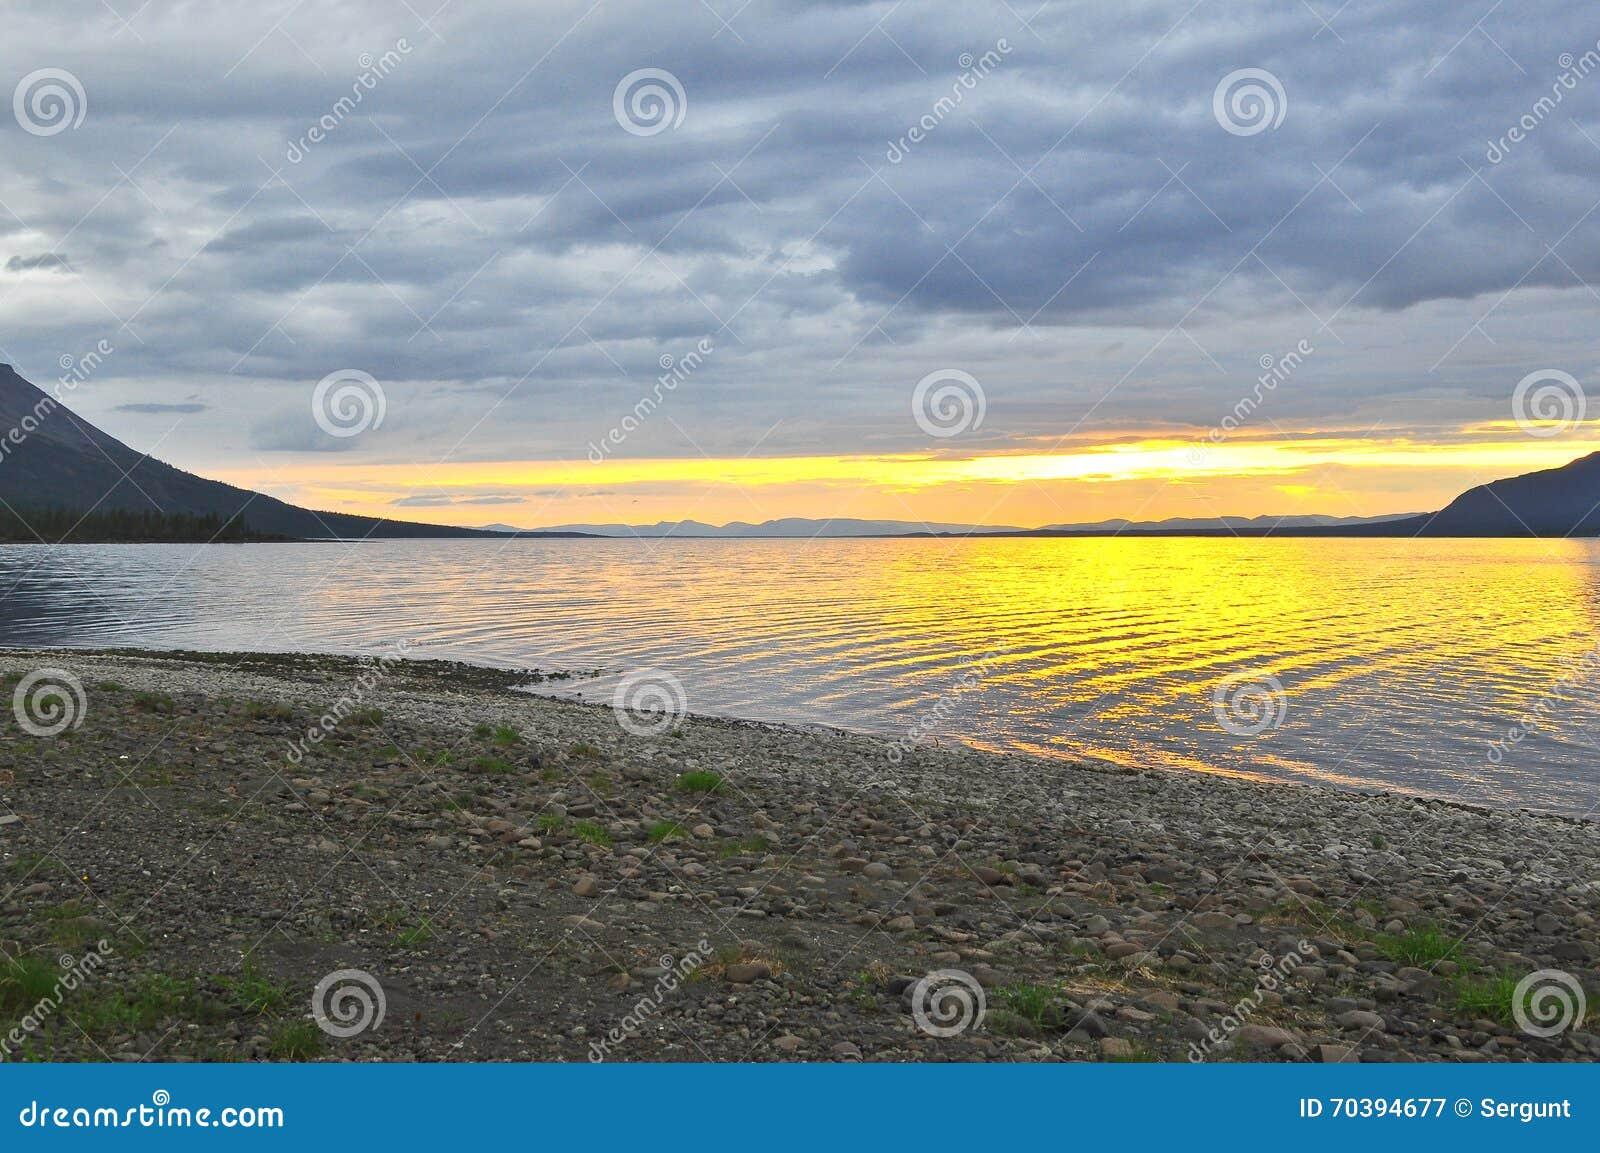 Ηλιοβασίλεμα σε μια λίμνη στη Σιβηρία